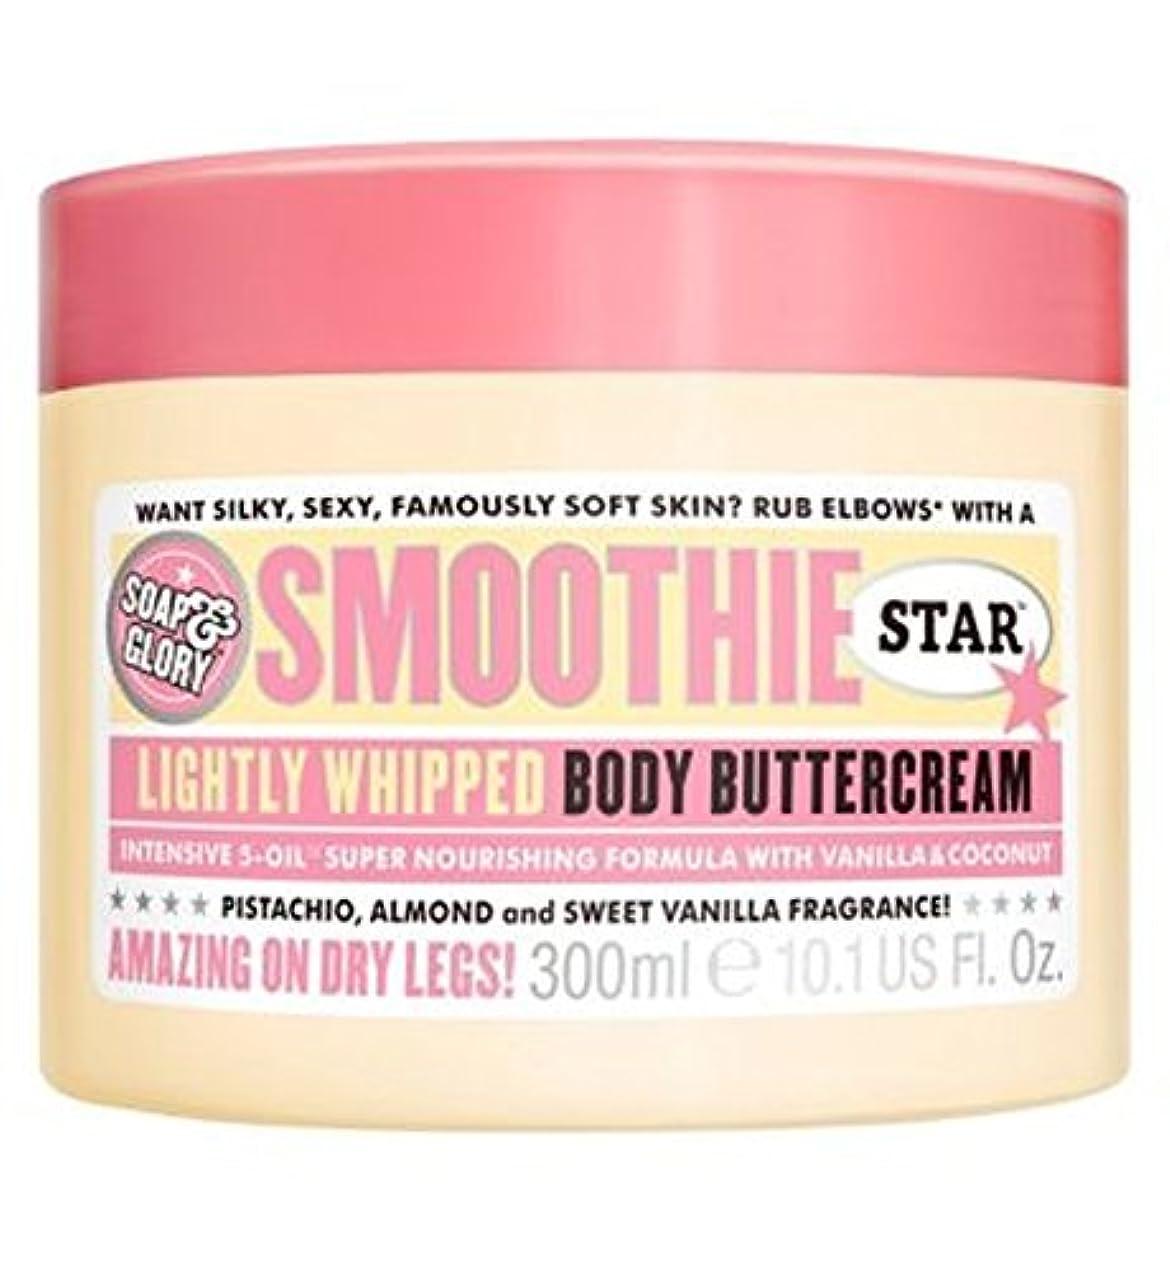 パイプ広がり不適切なSoap & Glory Smoothie Star Body Buttercream 300ml - 石鹸&栄光スムージースターのボディバタークリームの300ミリリットル (Soap & Glory) [並行輸入品]